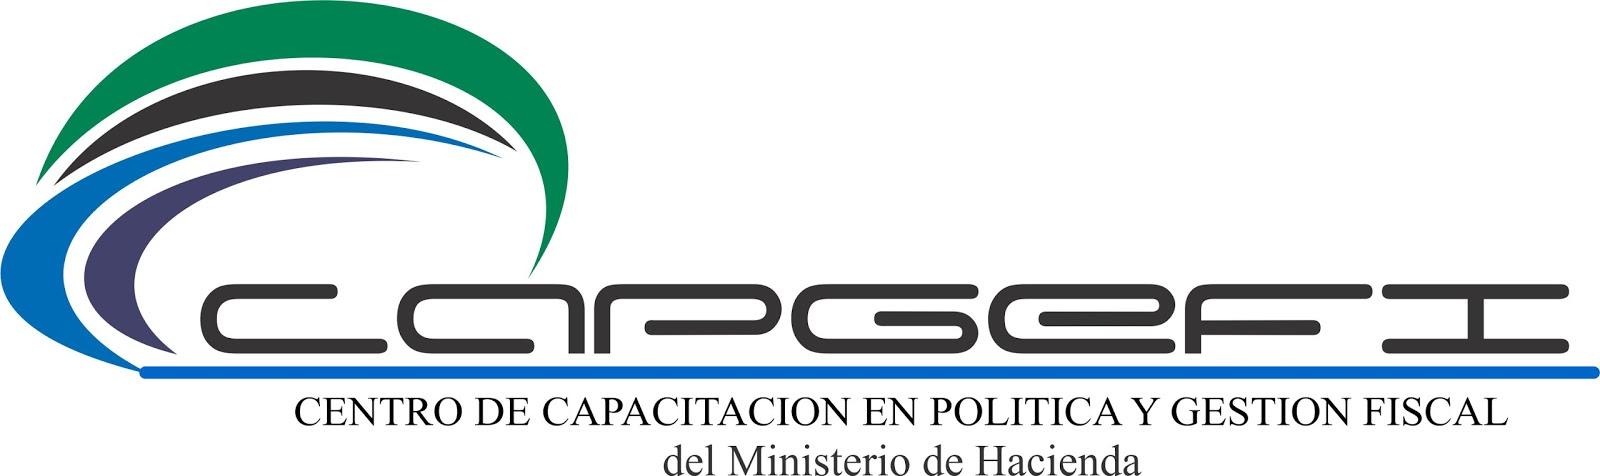 centro-de-capacitacion-en-politica-y-gestion-fiscal-capgefi